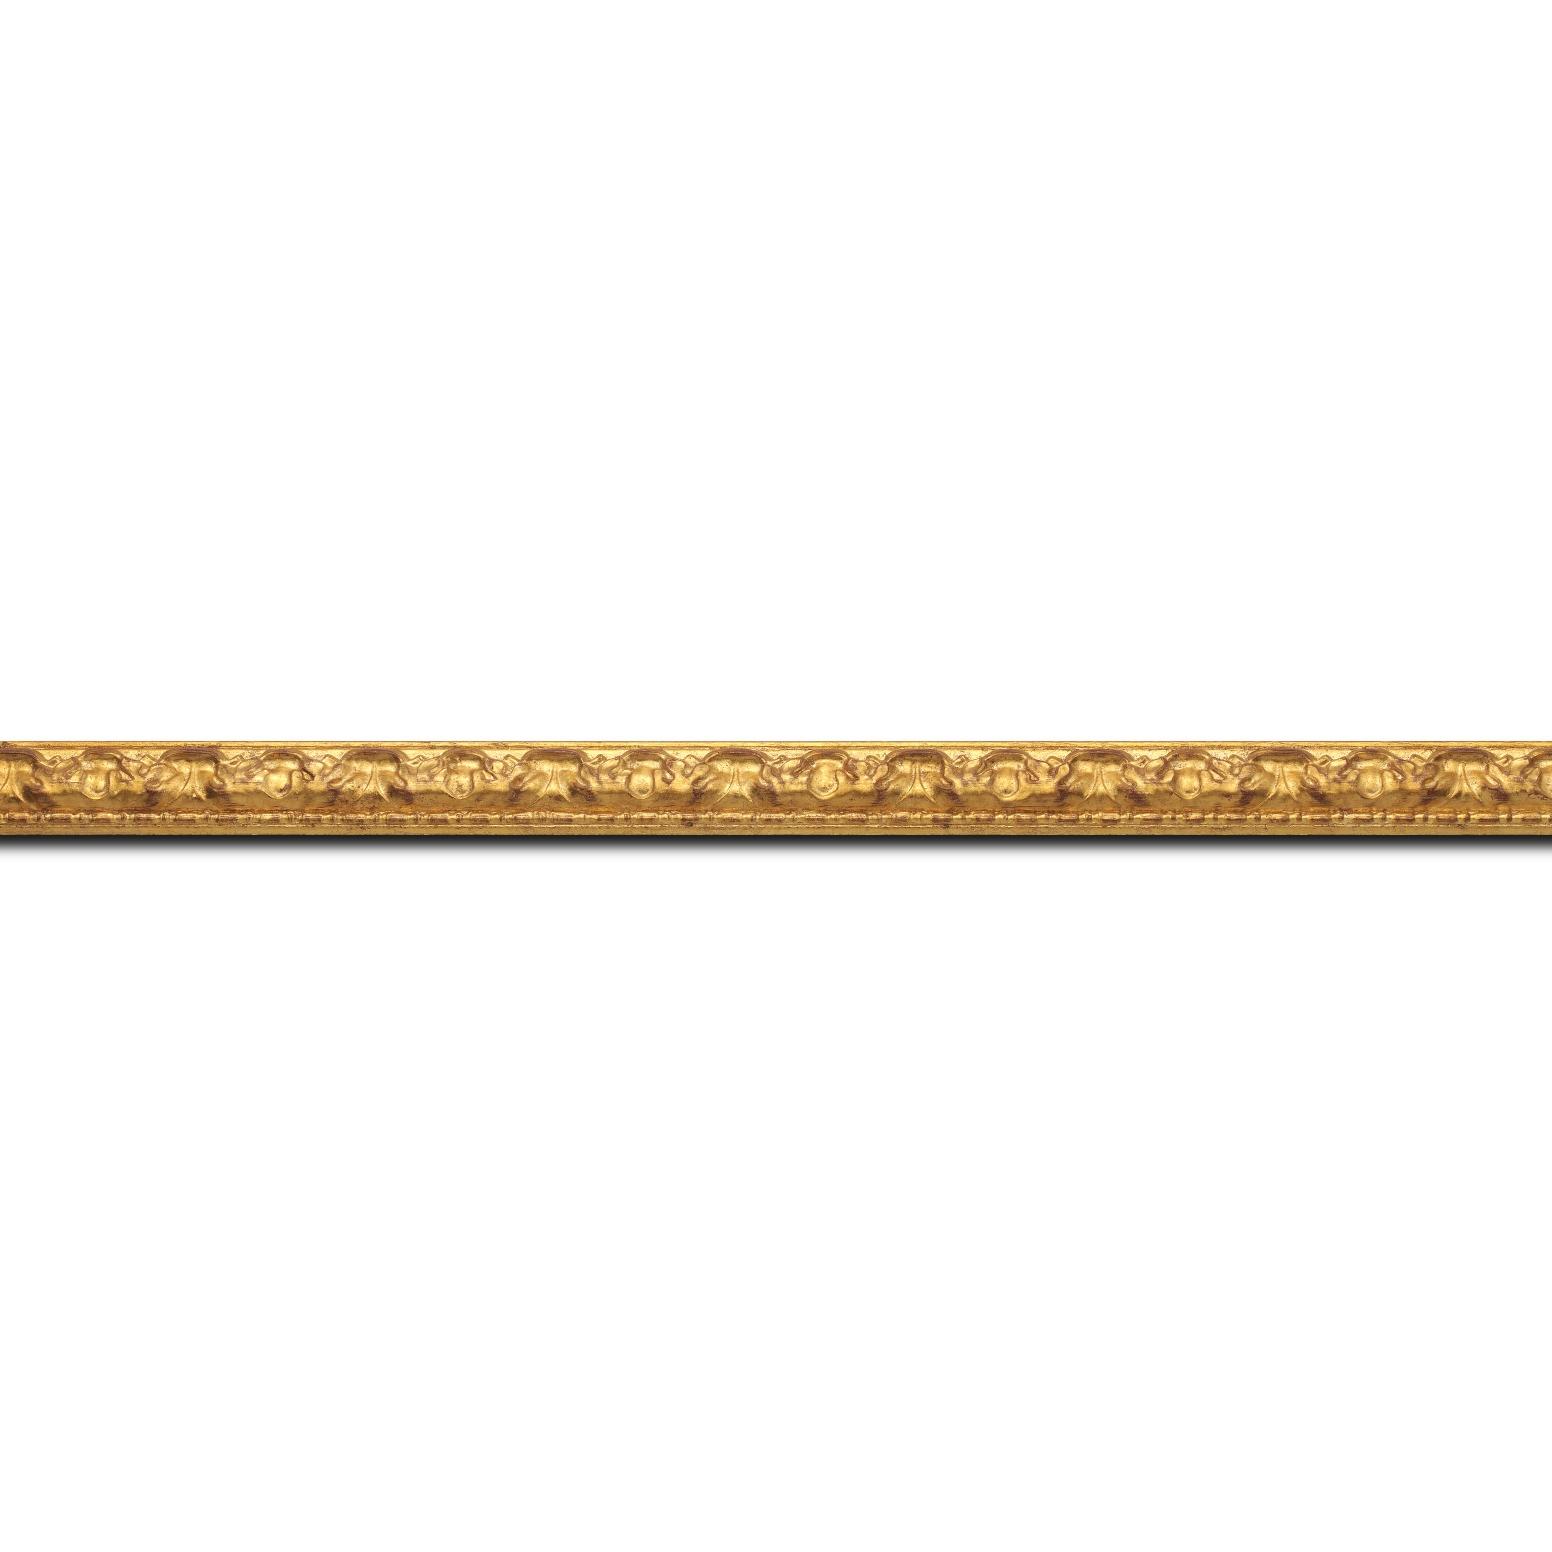 Baguette longueur 1.40m bois profil bombé largeur 4cm couleur or patiné